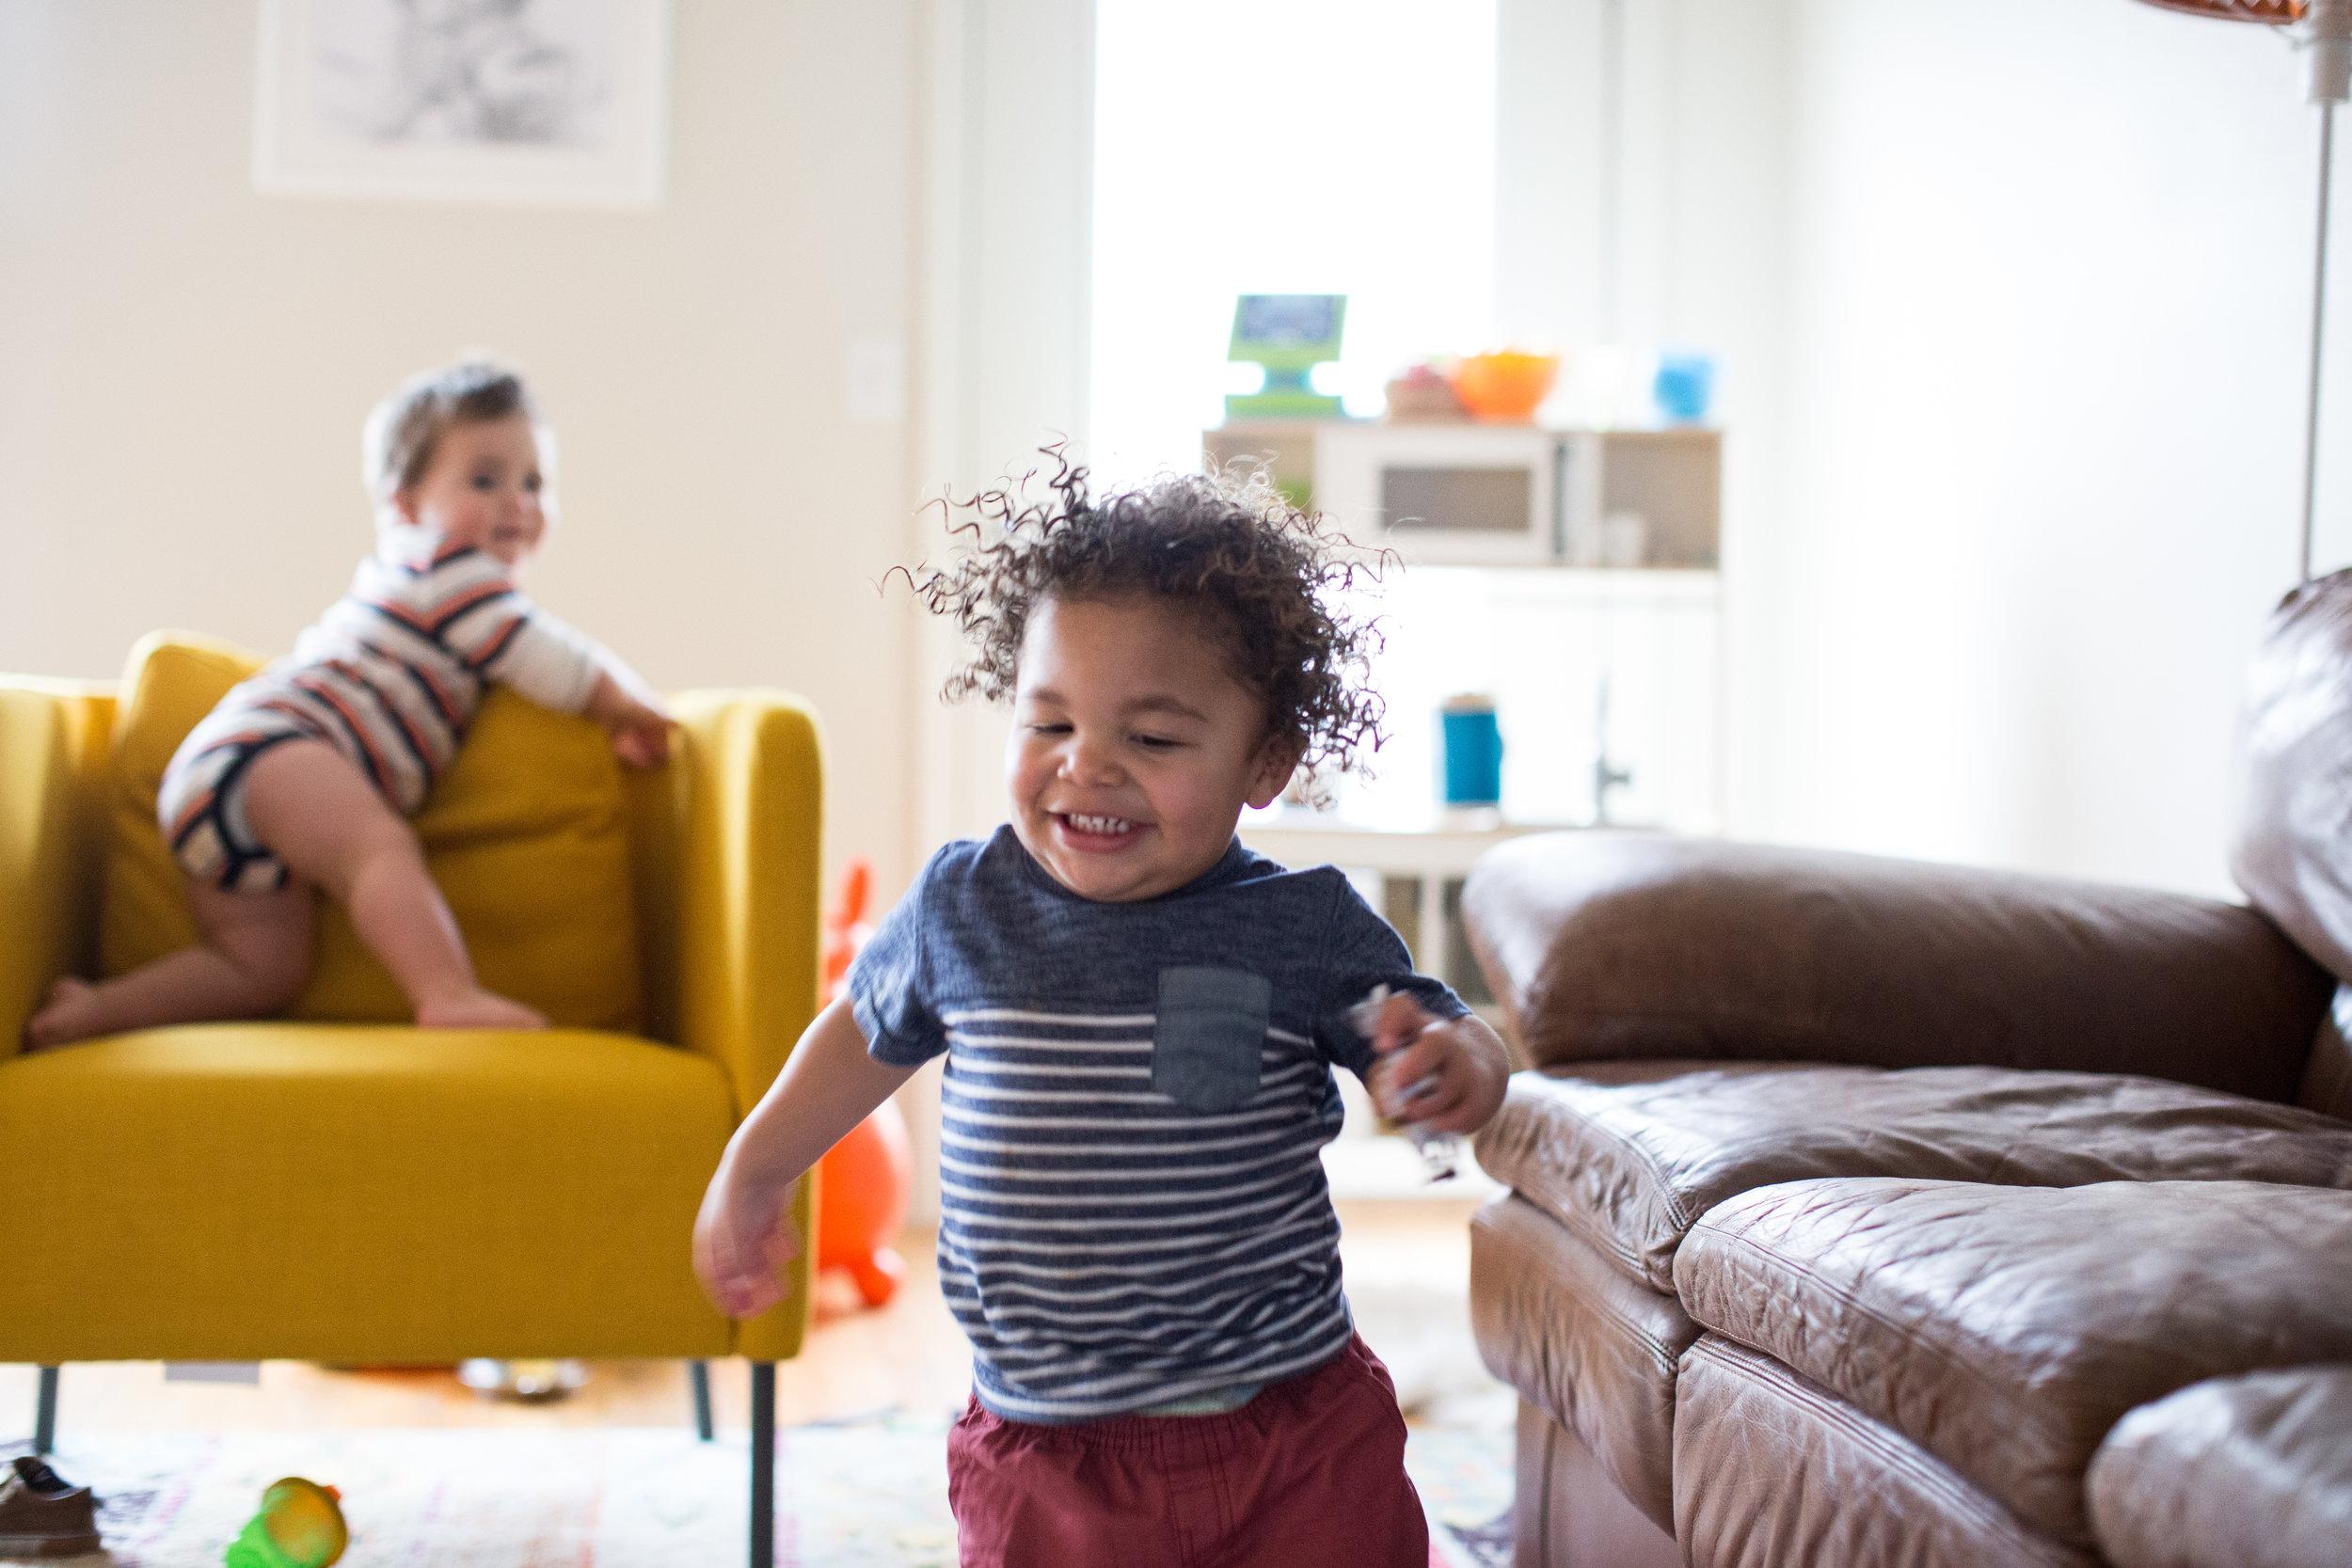 virtual twins, transracial adoption